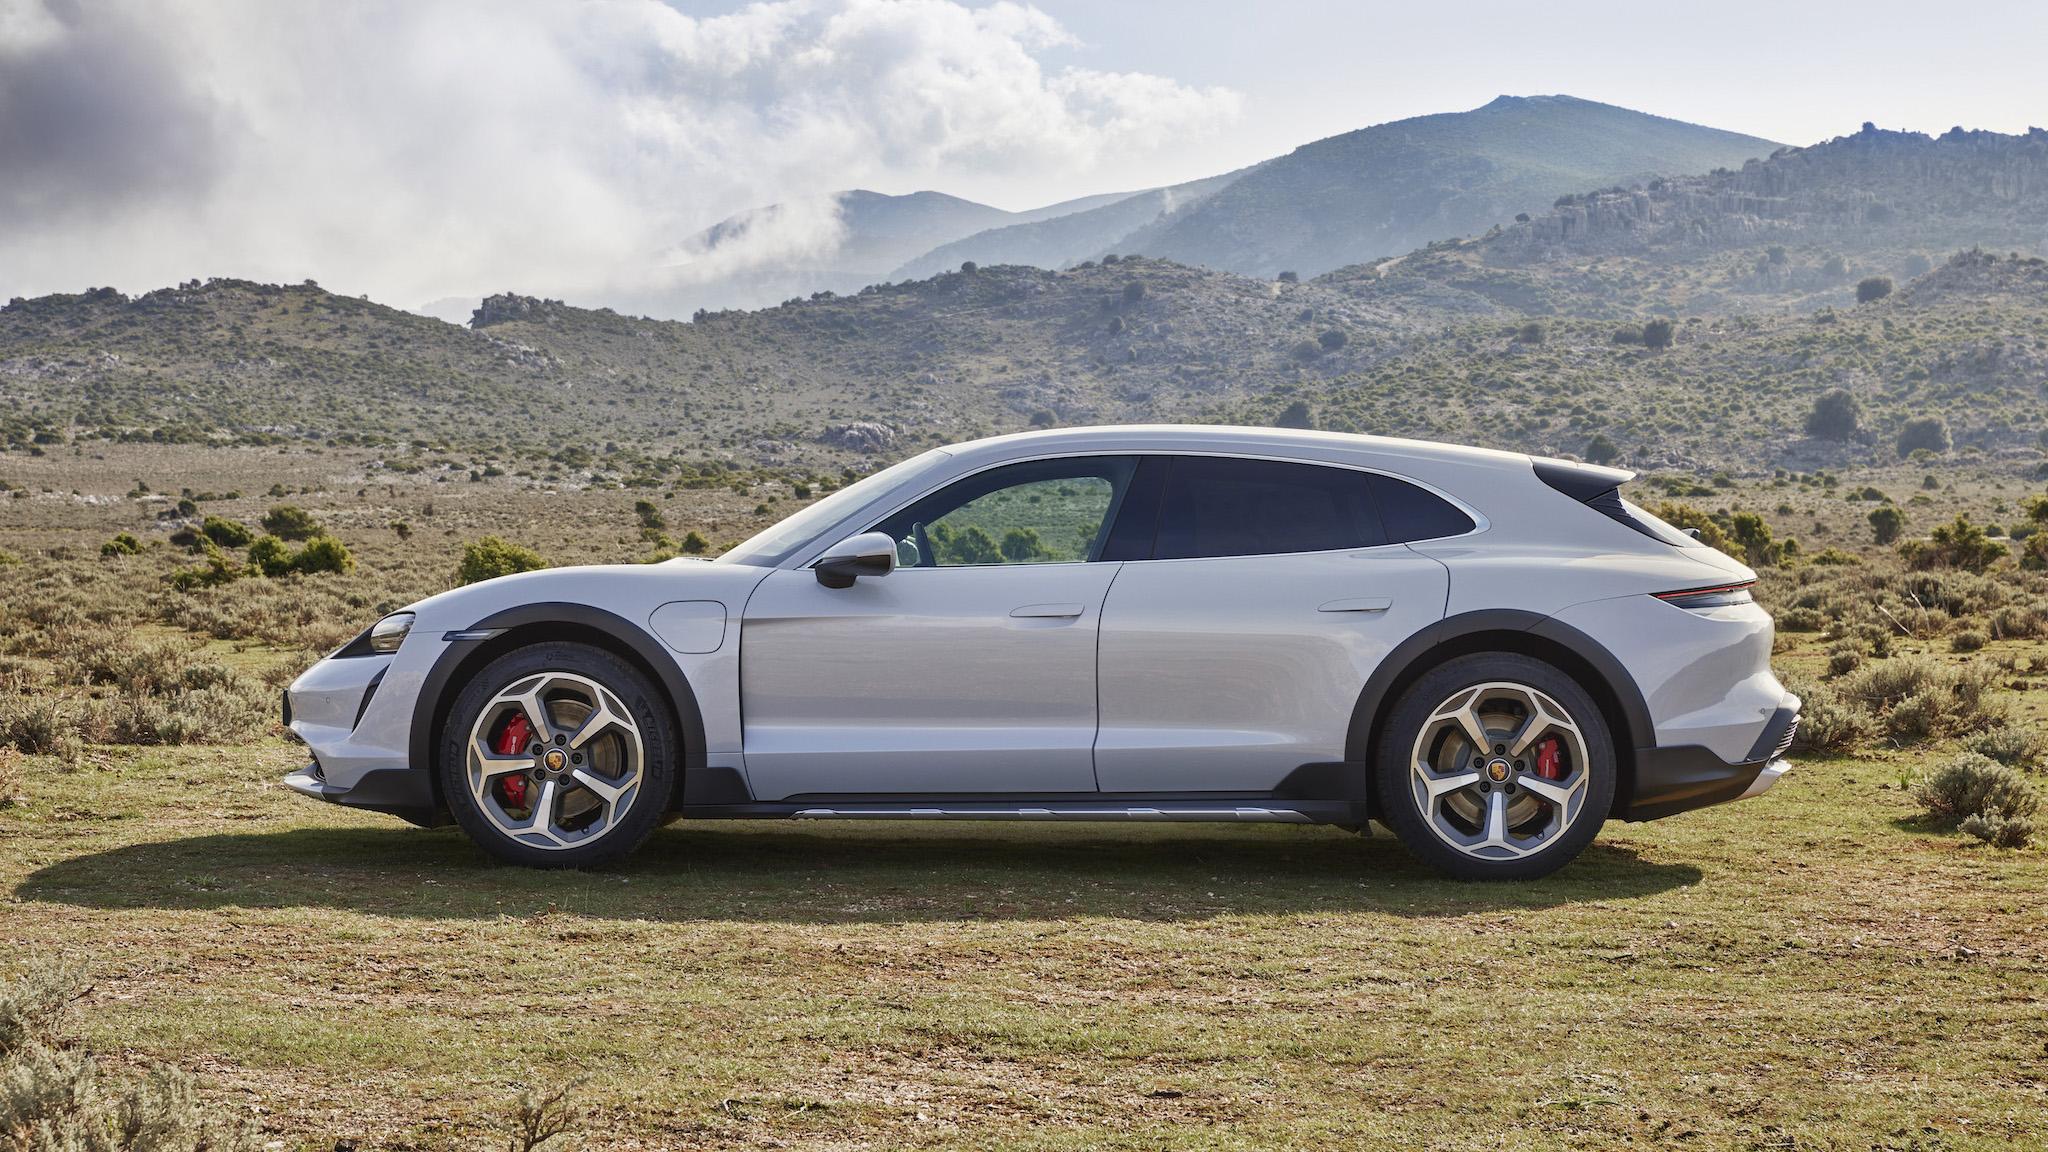 最全能保時捷?Porsche Taycan Cross Turismo 雙車型售價 400 萬元起